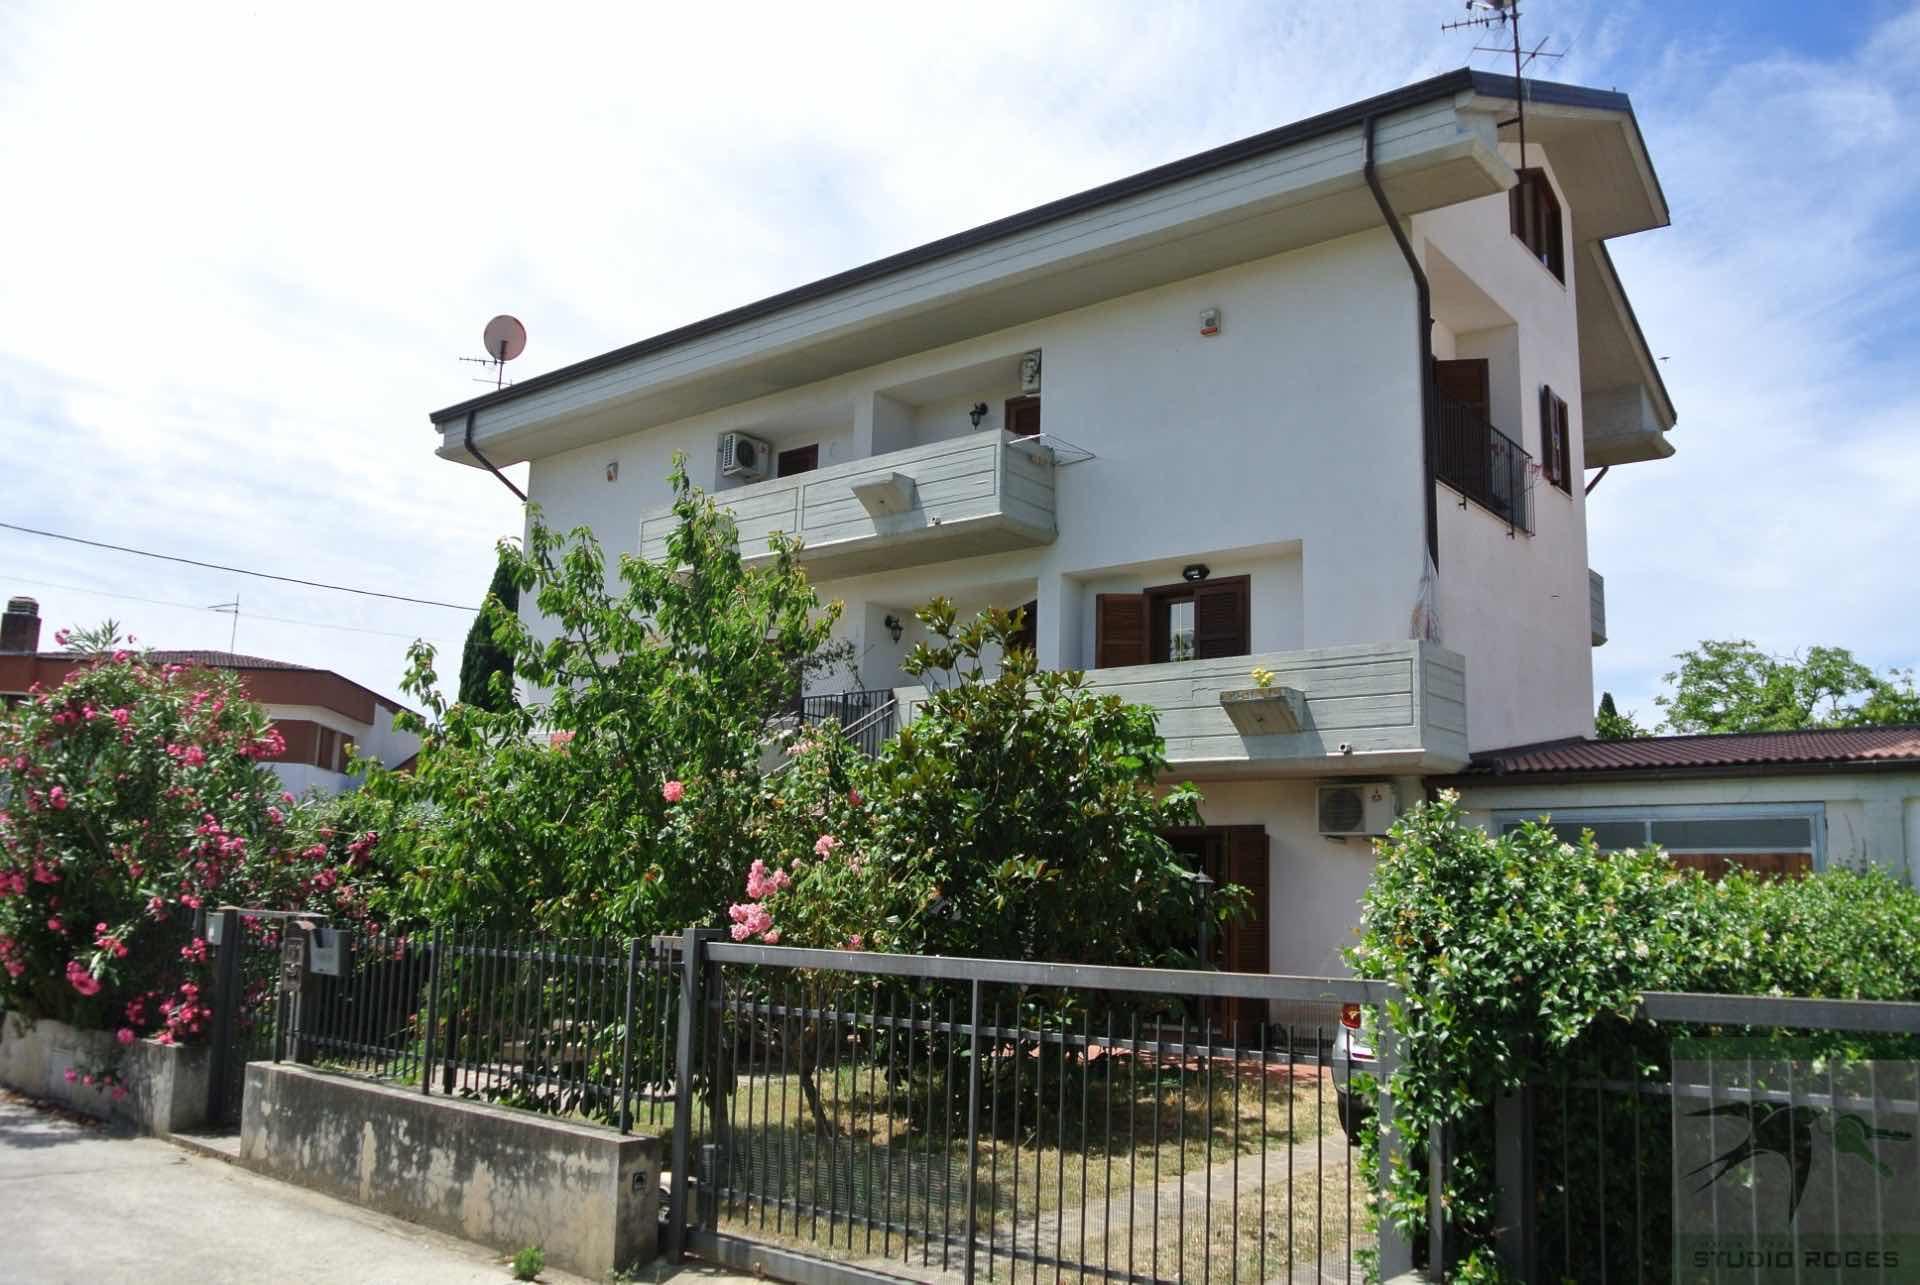 Villa in Vendita 216,88 mq - N. camere: 5 - - Rende - Quattromiglia-Viale dei giardini (CS)